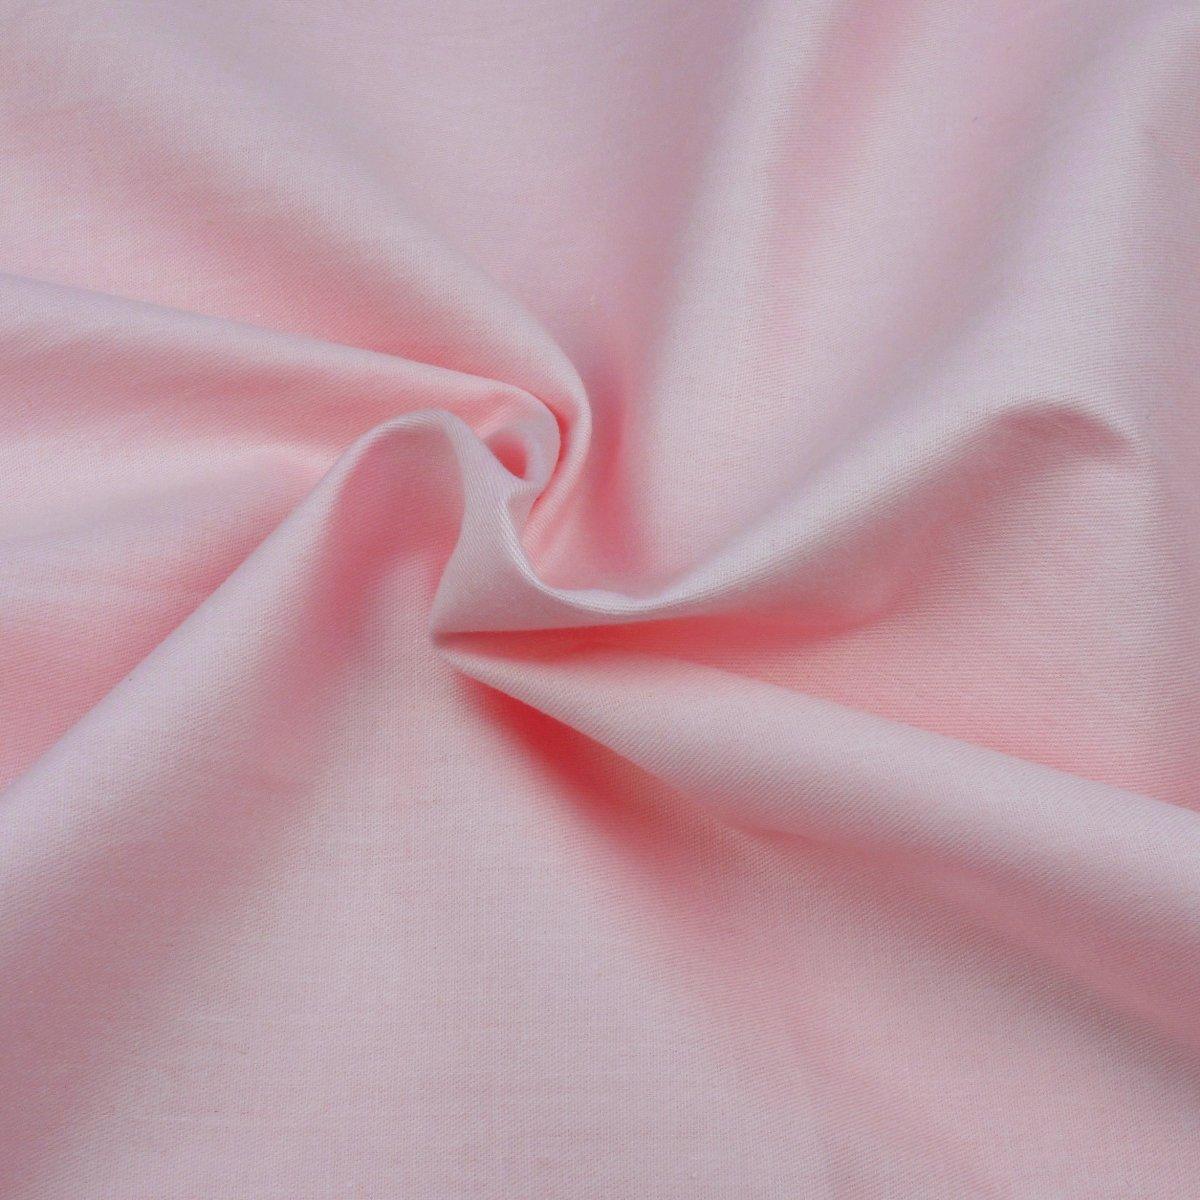 100% puro algodón rosa láminas de tejido sólido Plain colores, 160 cm extra de ancho – se vende por metro: Amazon.es: Hogar